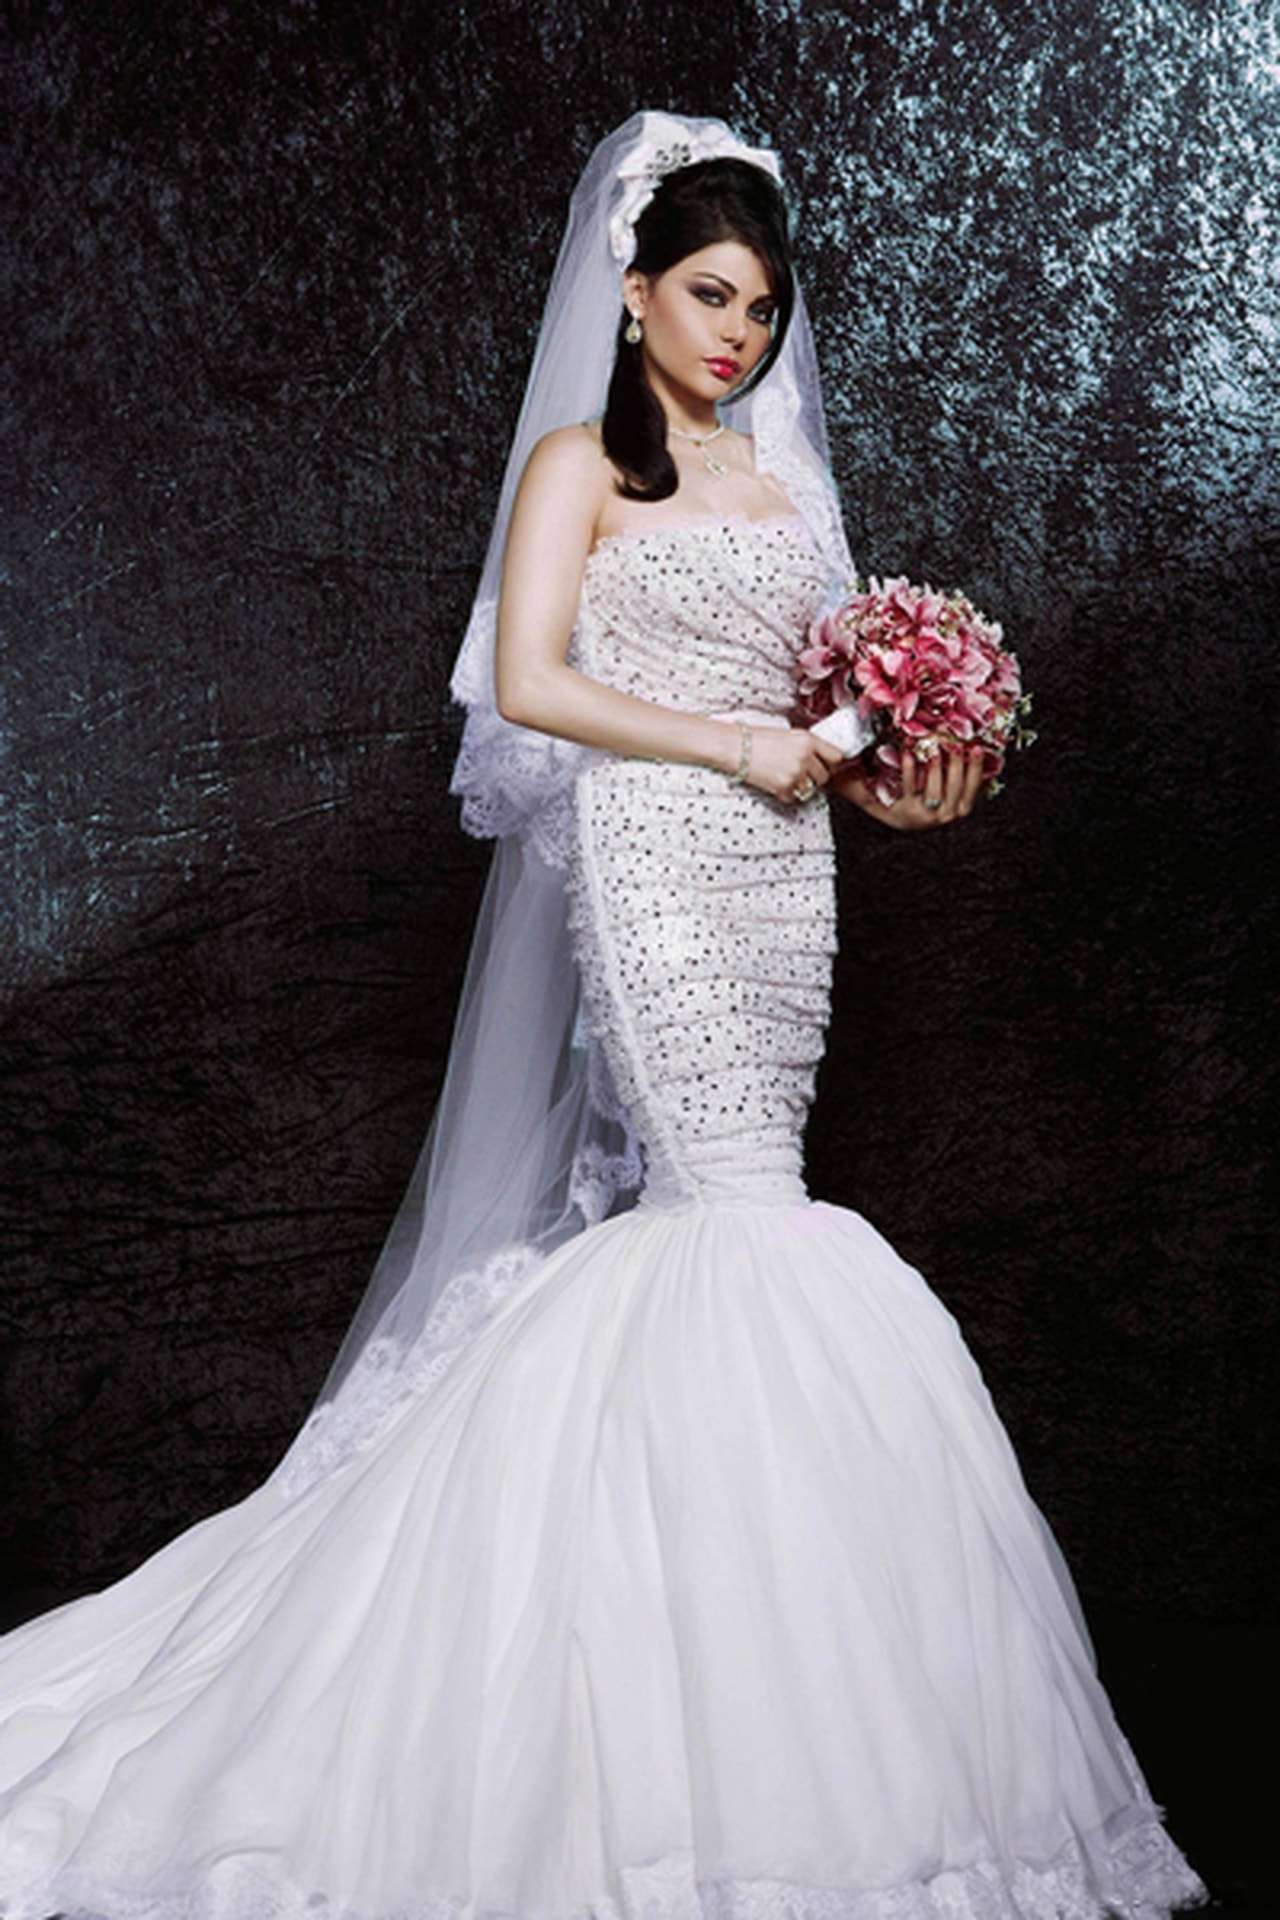 بالصور صور عروسة , اجمل صور للعرائس بالفستان الابيض 4367 4